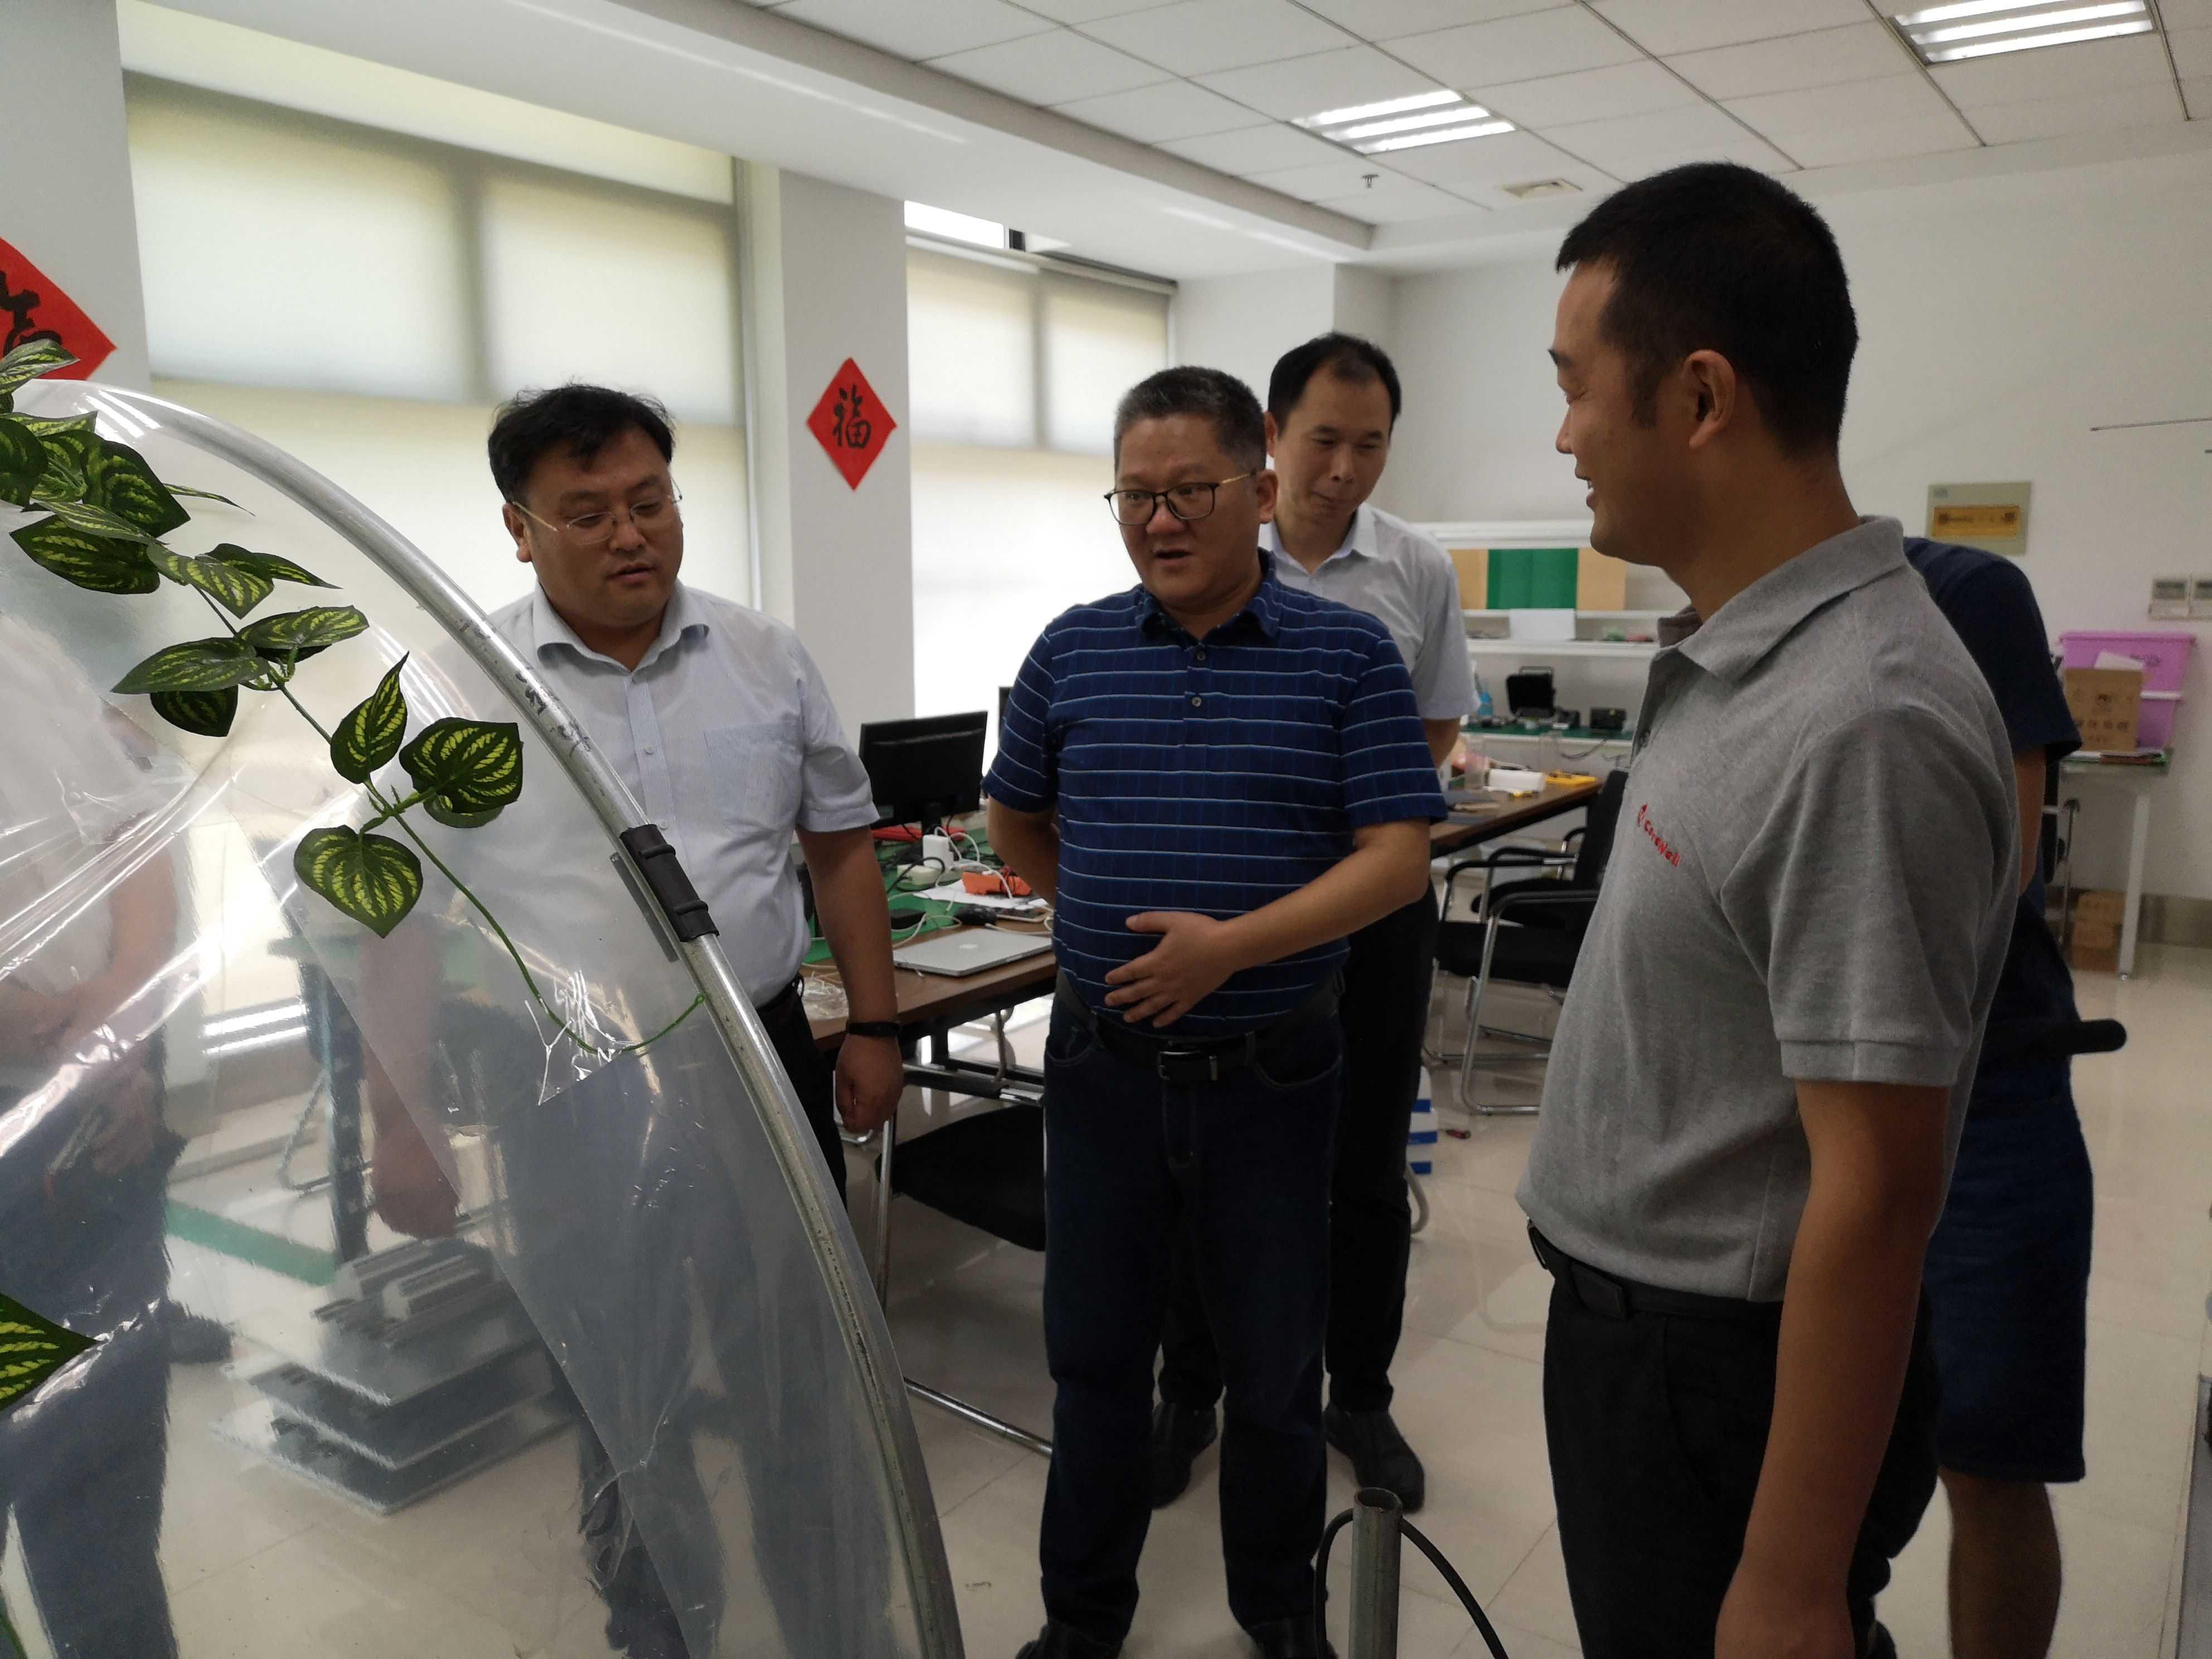 江宁区管委会副主任崔吉胜视察公司